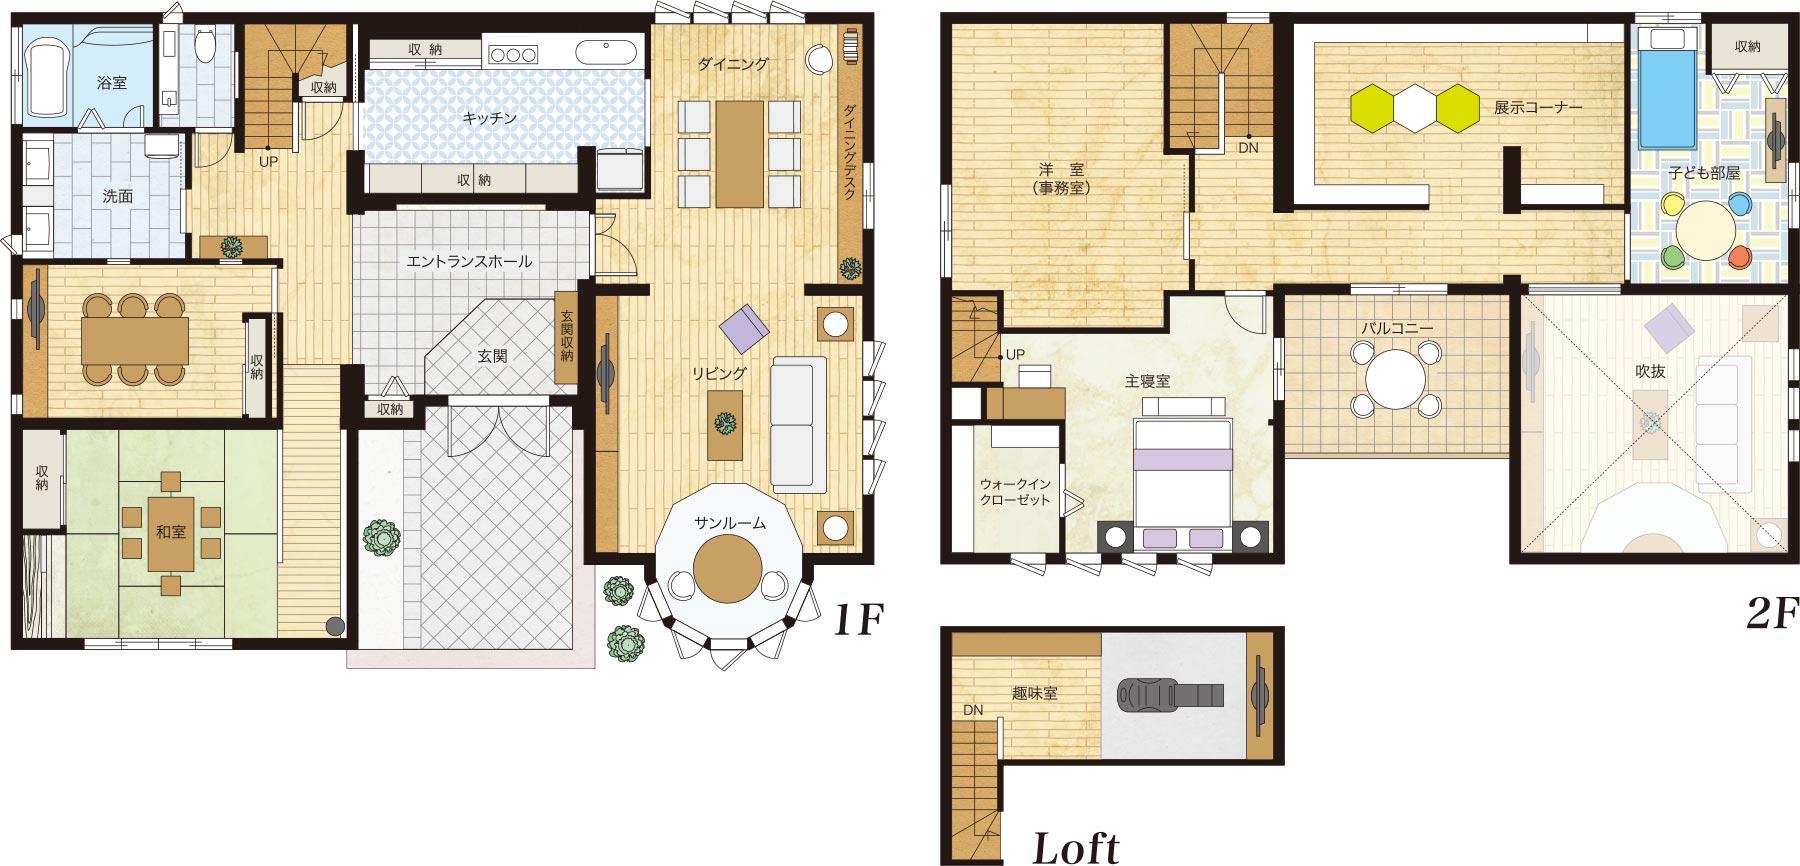 木質系住宅 姫路リバーシティ展示場 間取り図